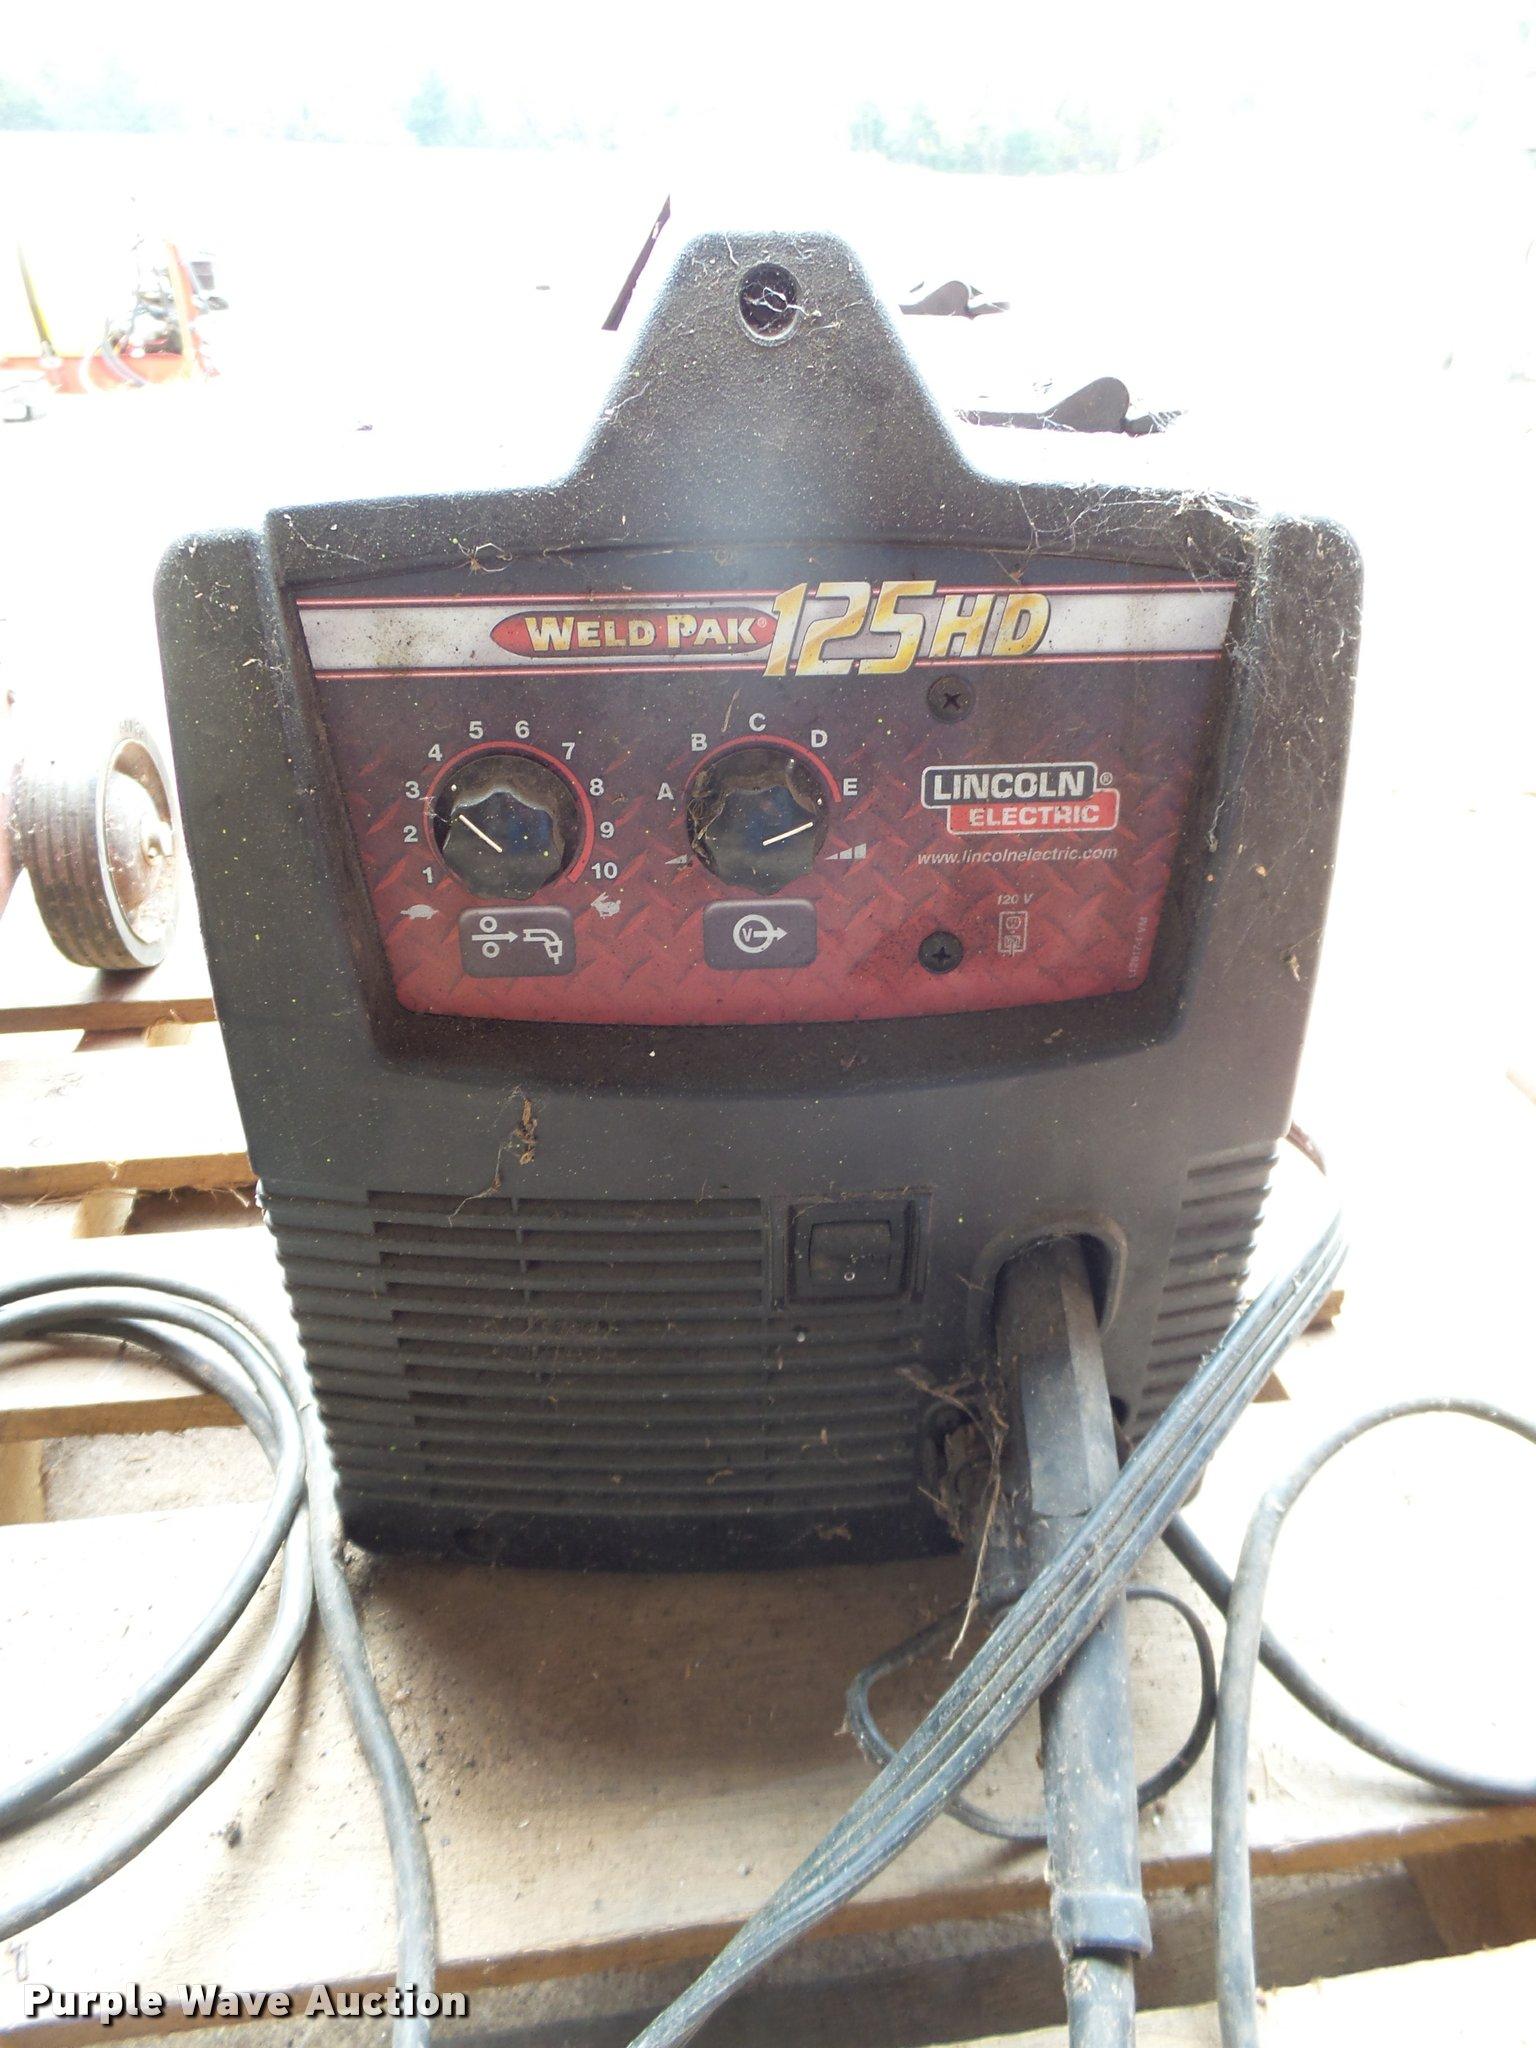 Lincoln Electric 125 Hd Weld Pak Wire Welder In Goddard Ks Item Ah9766 Sold Purple Wave